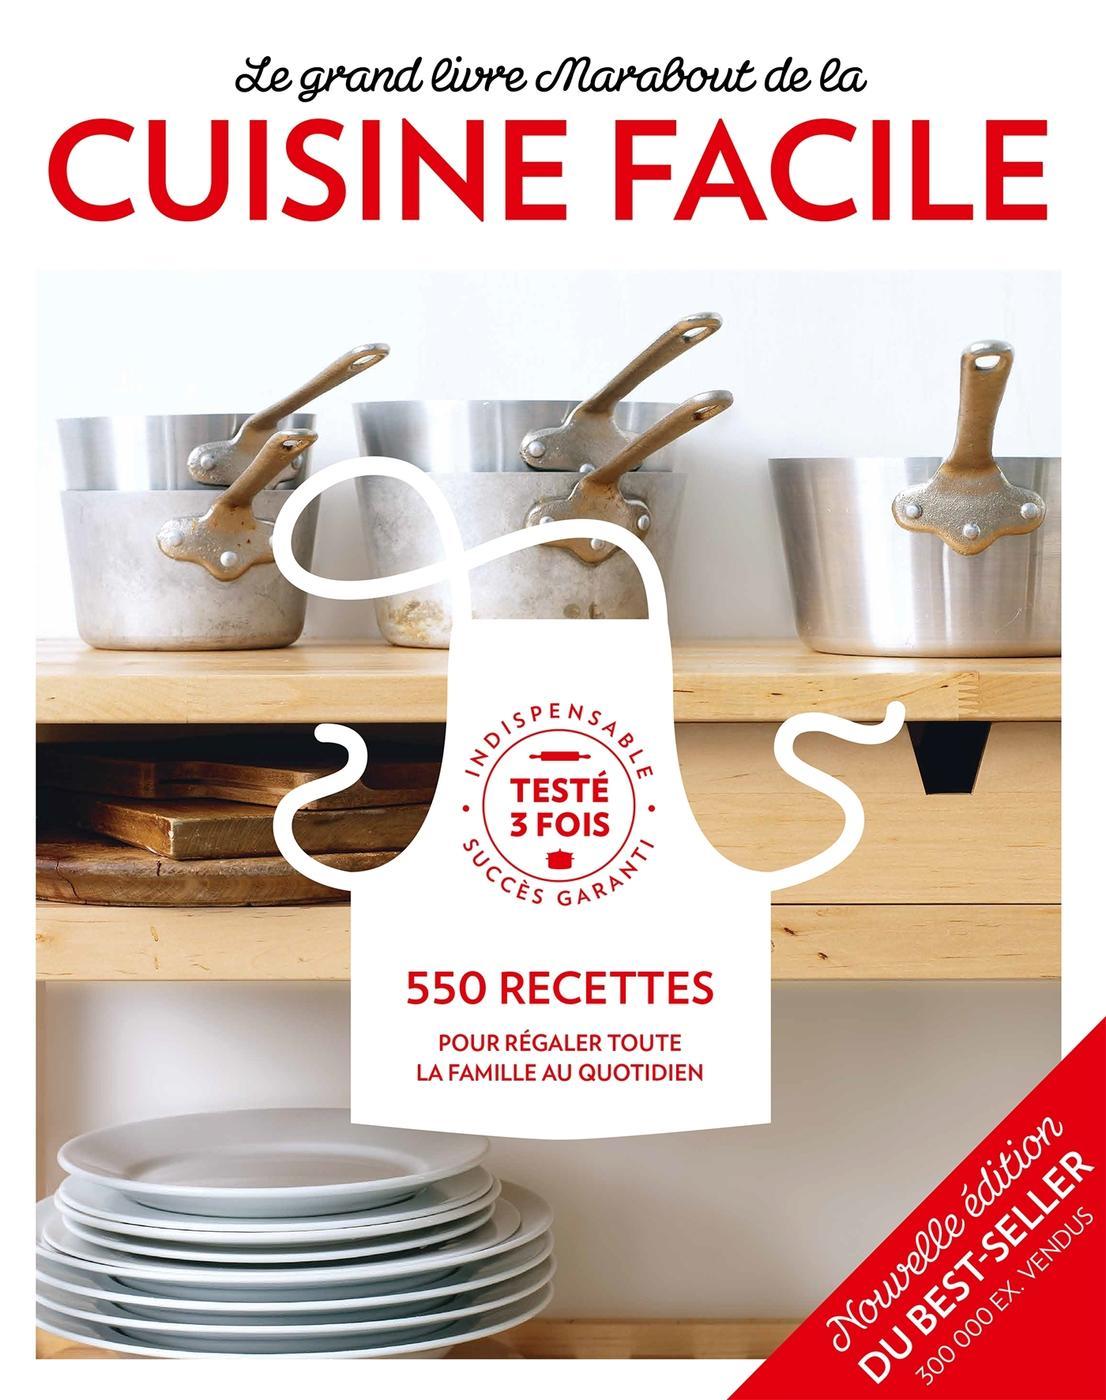 Le Grand Livre Marabout De La Cuisine Facile Librairie Eyrolles